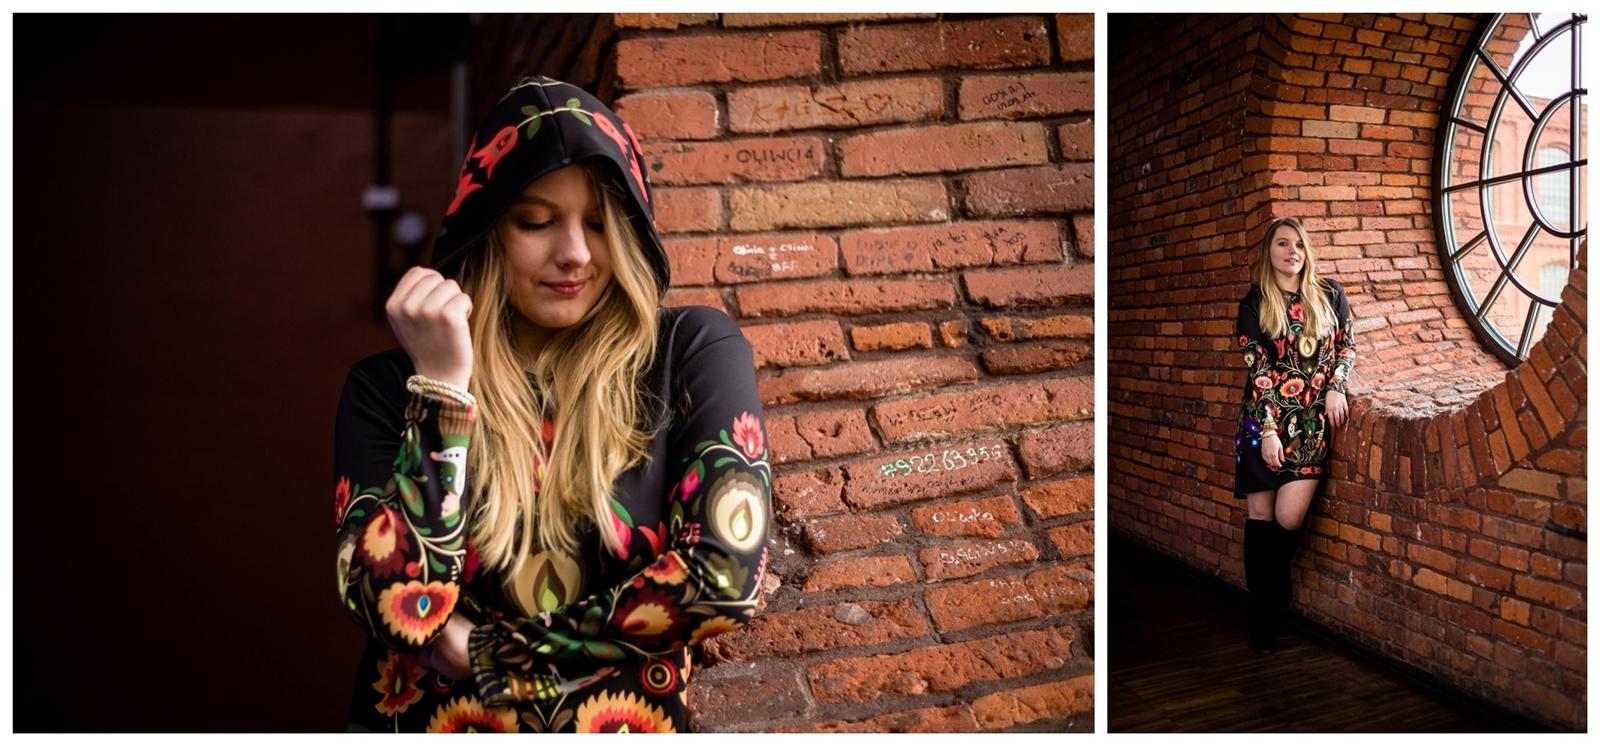 11 folk by koko recenzje opinie jakość sukienka bluza z motywem łowickim kodra folkowe ubrania motywy eleganckie folkowe dodatki kodra łowicka góralskie róże stylizacja polska blogerka łódź moda melodylaniella